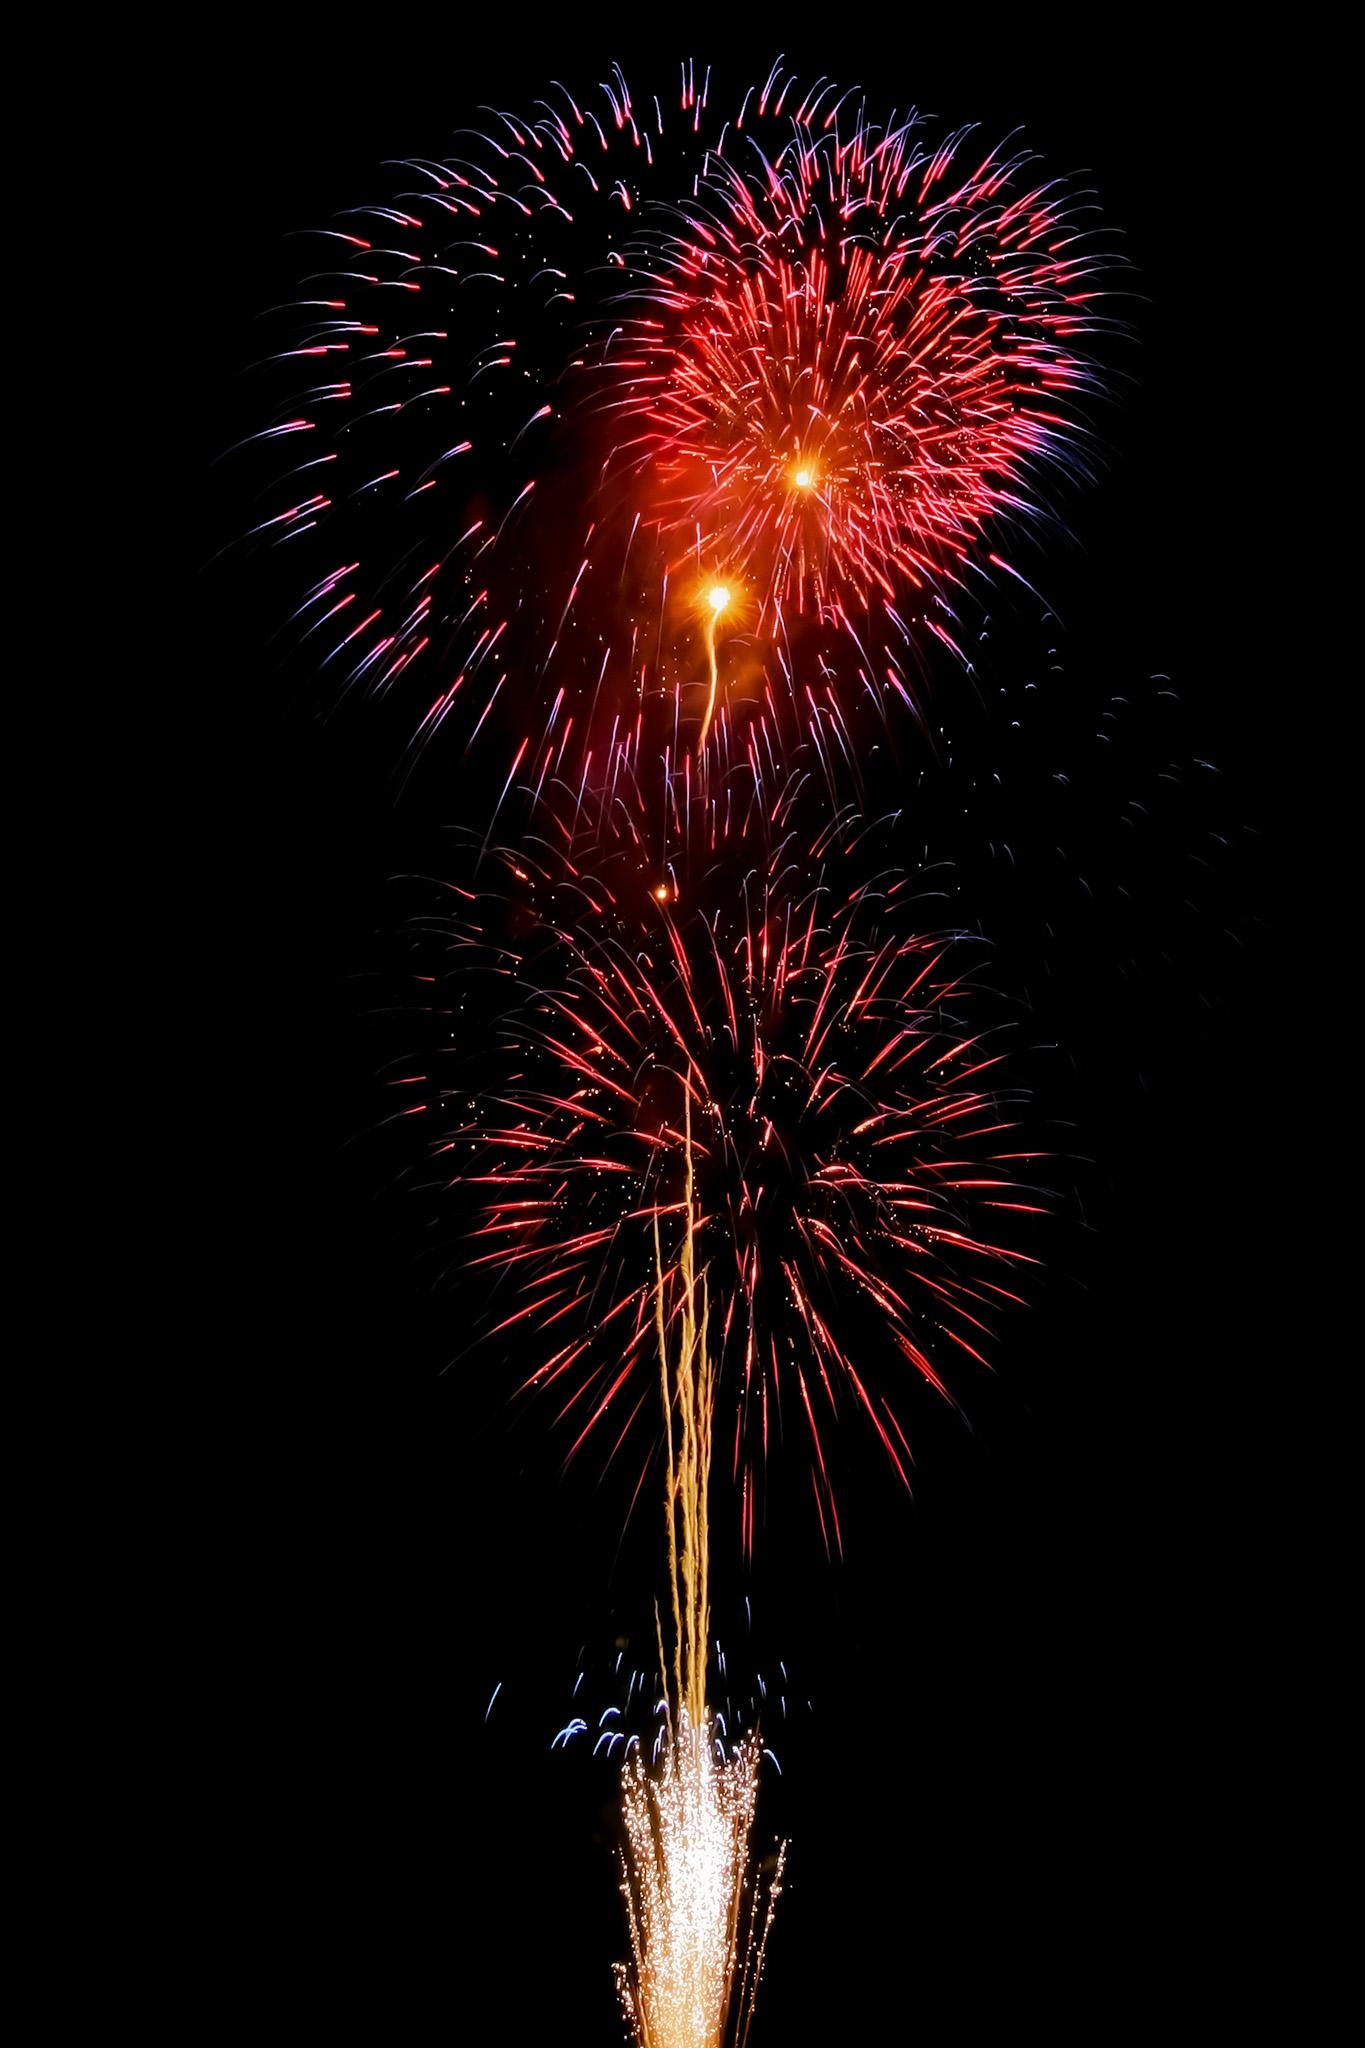 「色彩の美しい花火と夜空」のテクスチャを無料ダウンロード